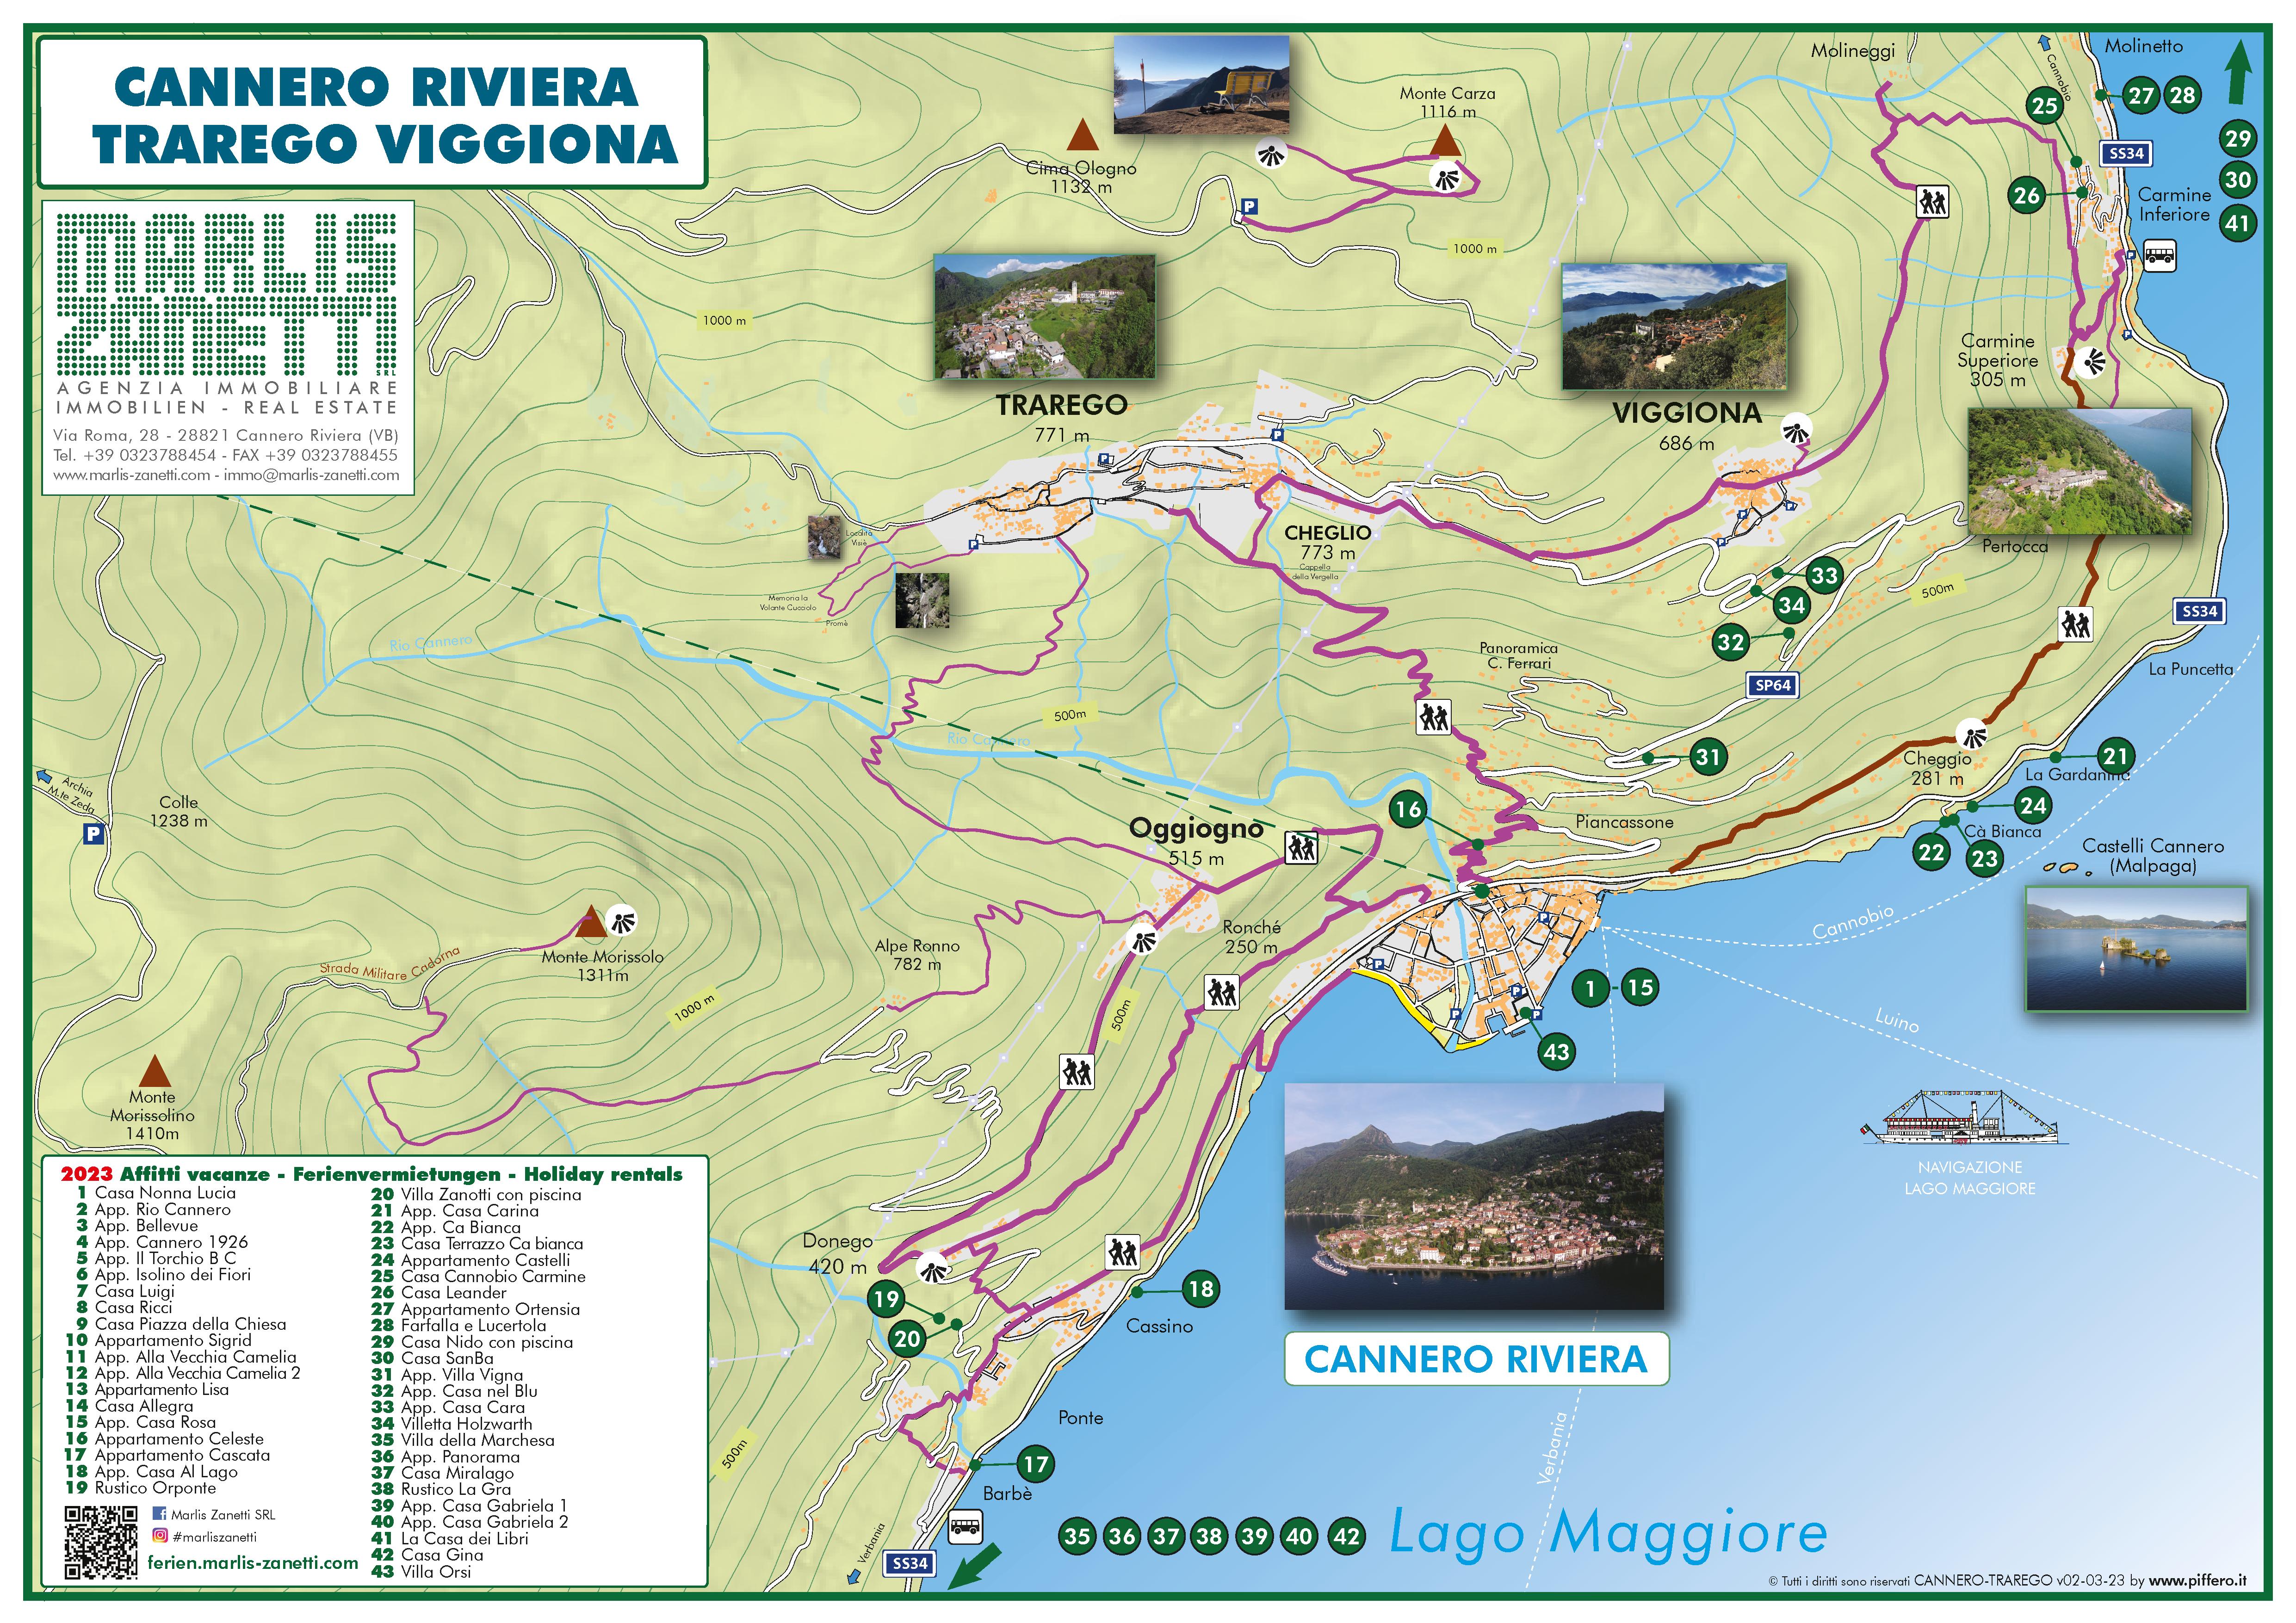 Lageplan Cannero Riviera - Trarego Viggiona Lago Maggiore